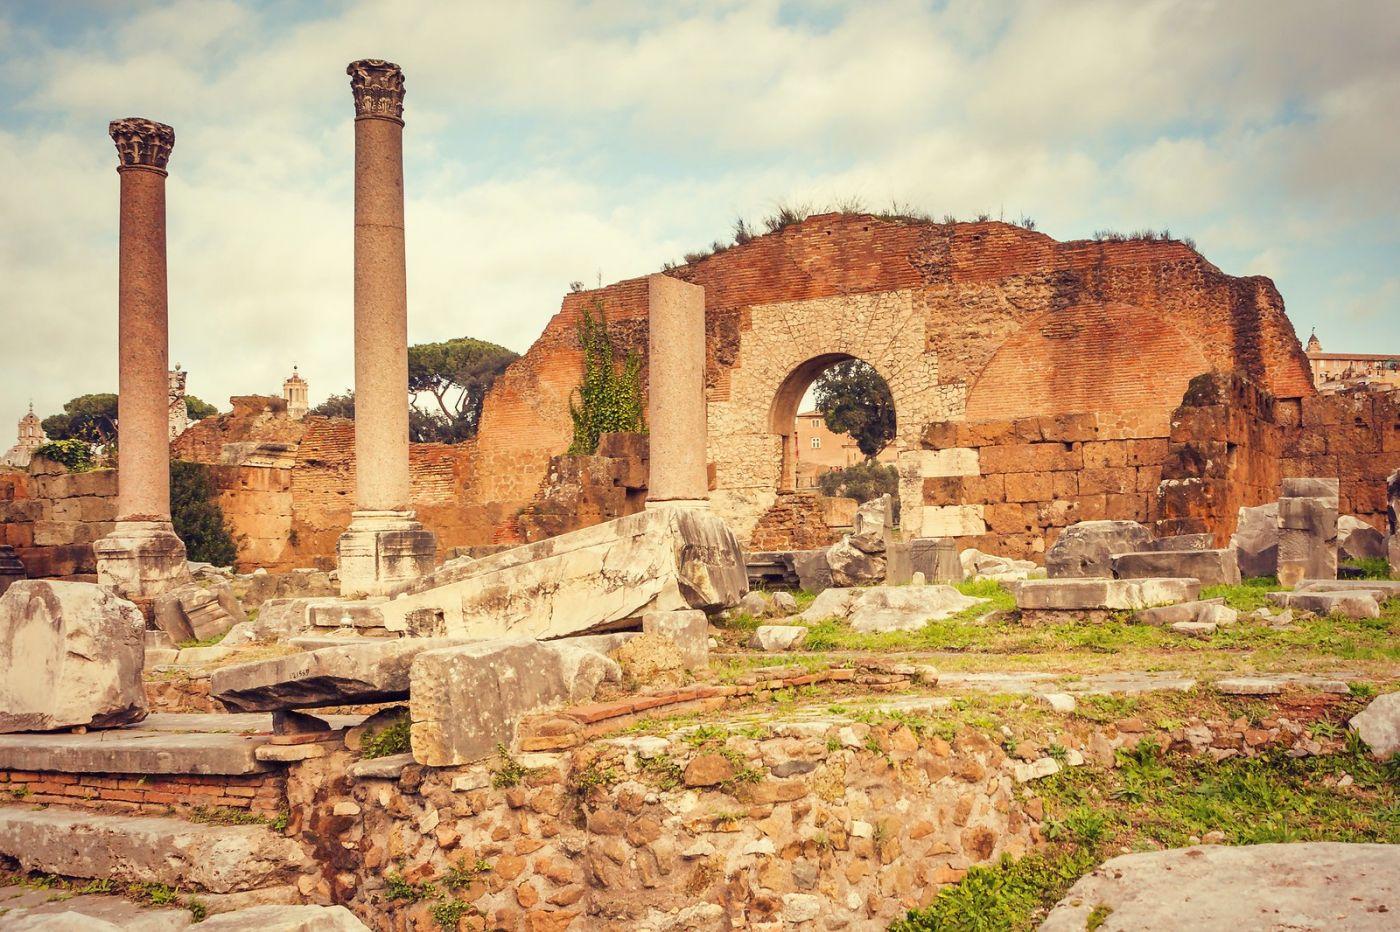 意大利罗马论坛,很敬佩_图1-22